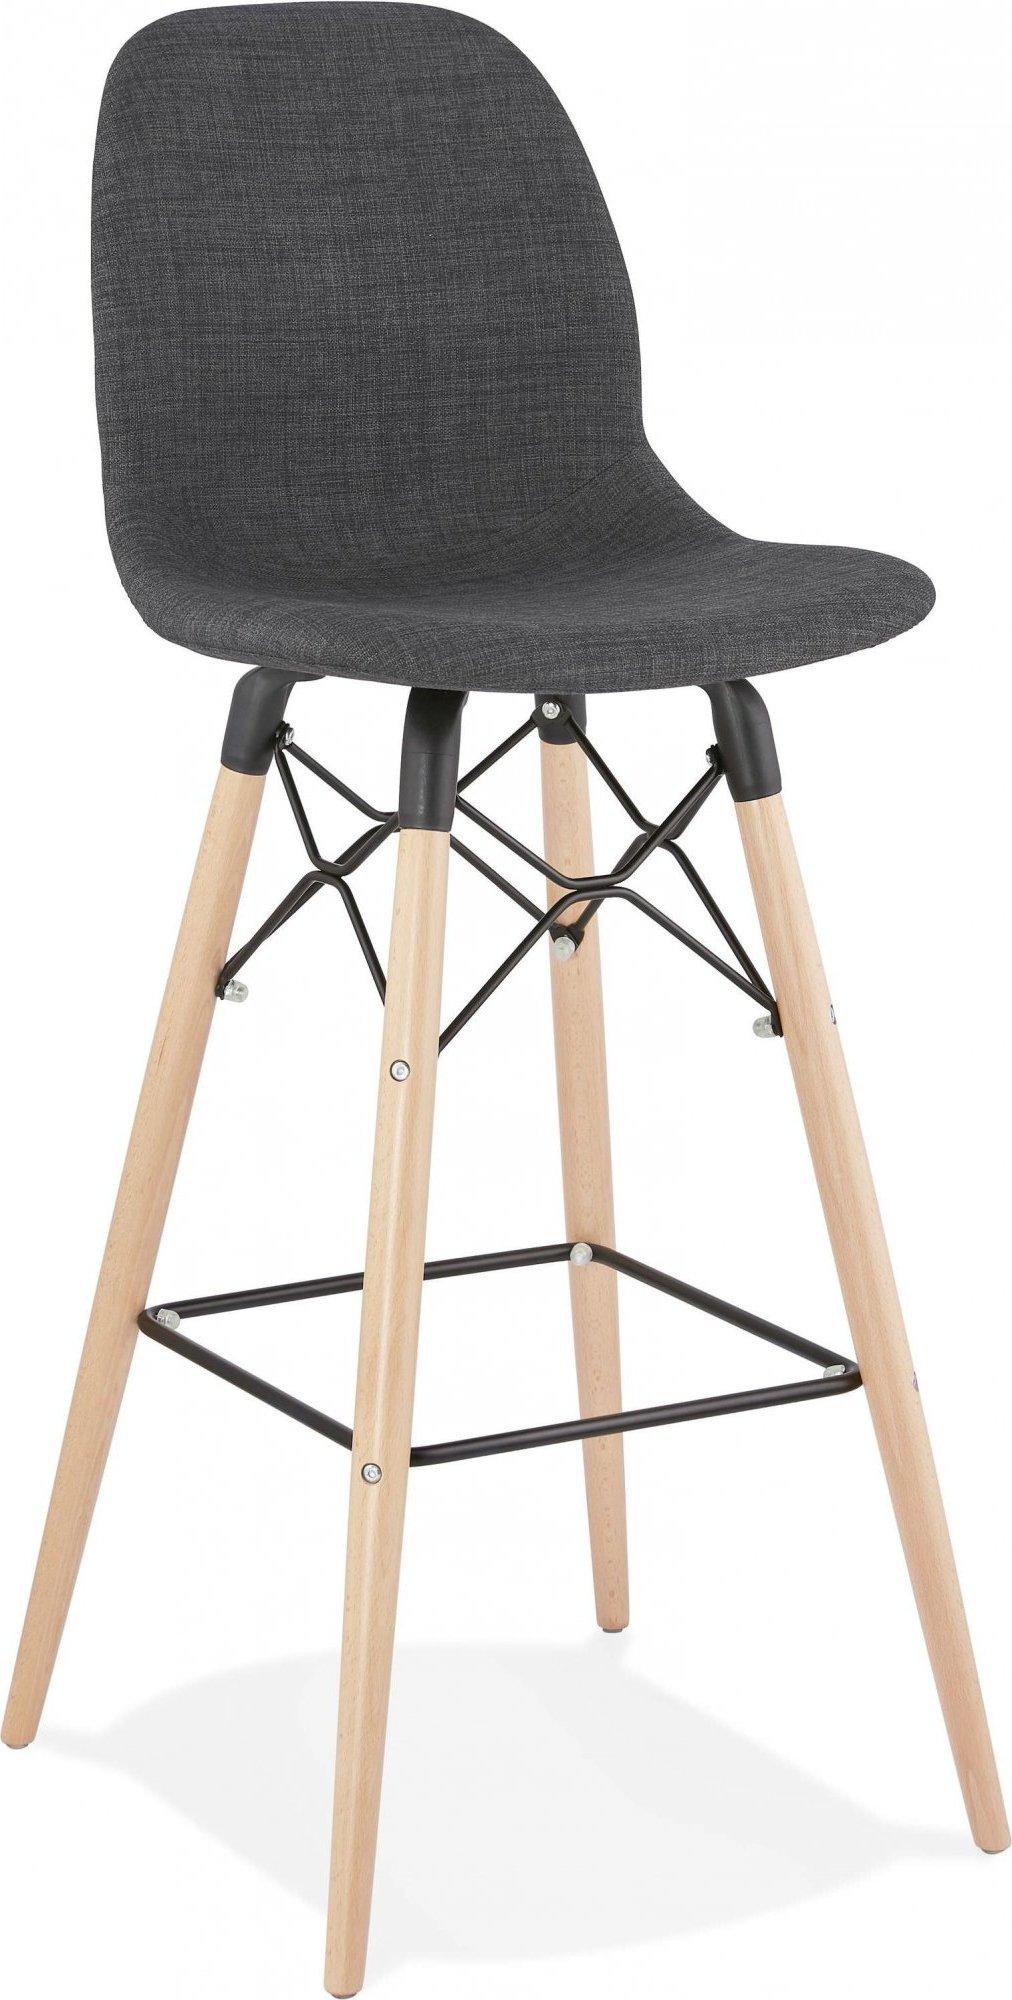 Tabouret de bar tissu gris pieds et bois h111cm